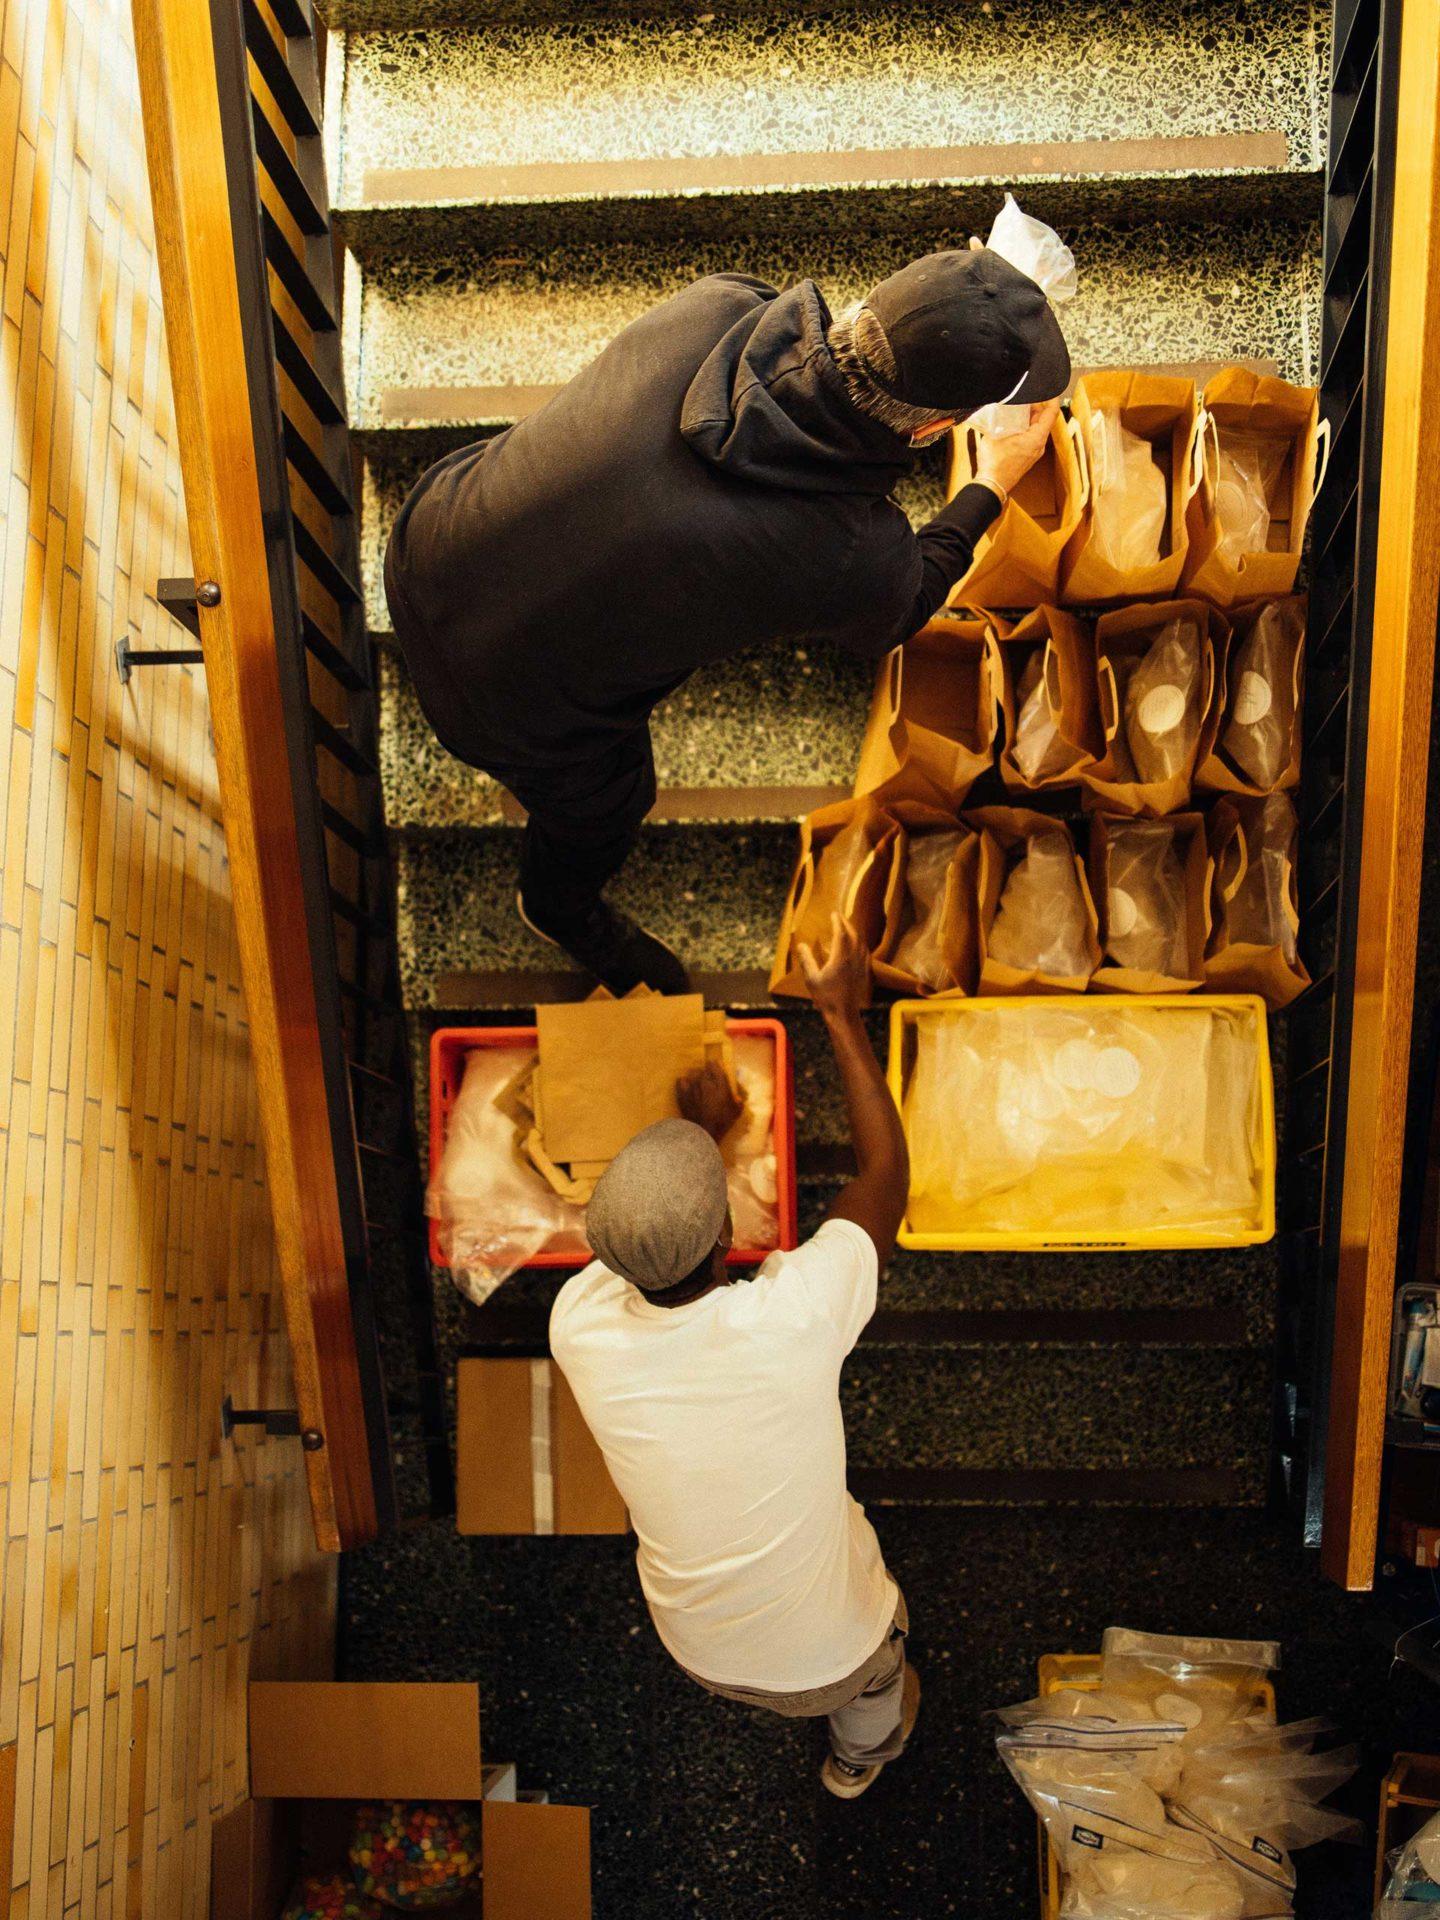 Aktion Mahlzeit Backen. Andreas und Daph stellen die fertigen Backmischungen für die Kinder zusammen.